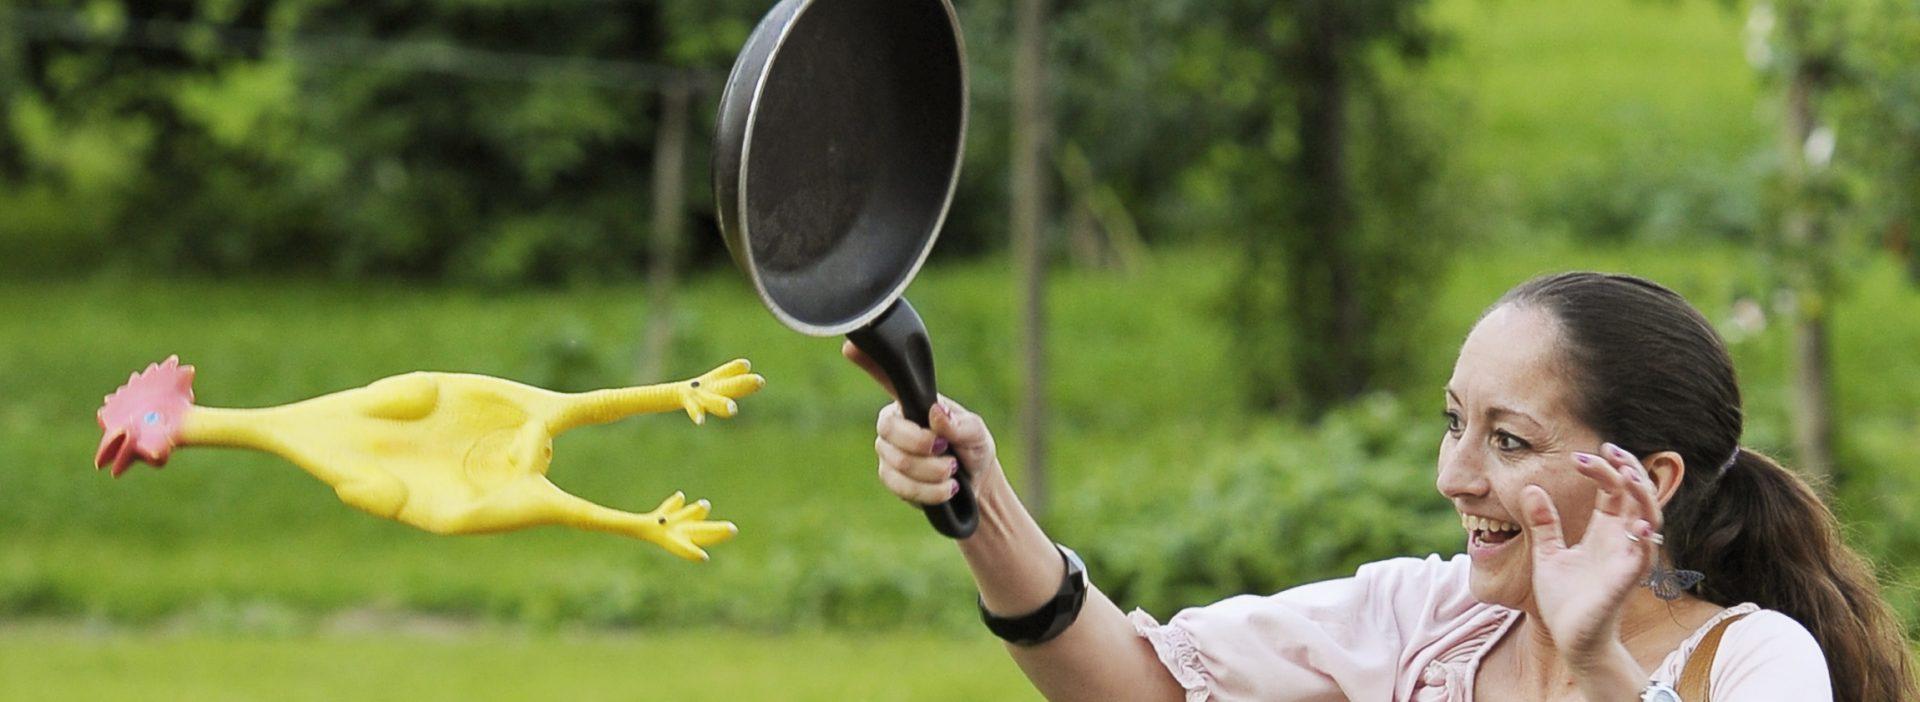 Erlebnisprogramm Teambuilding Hühnerschleudern